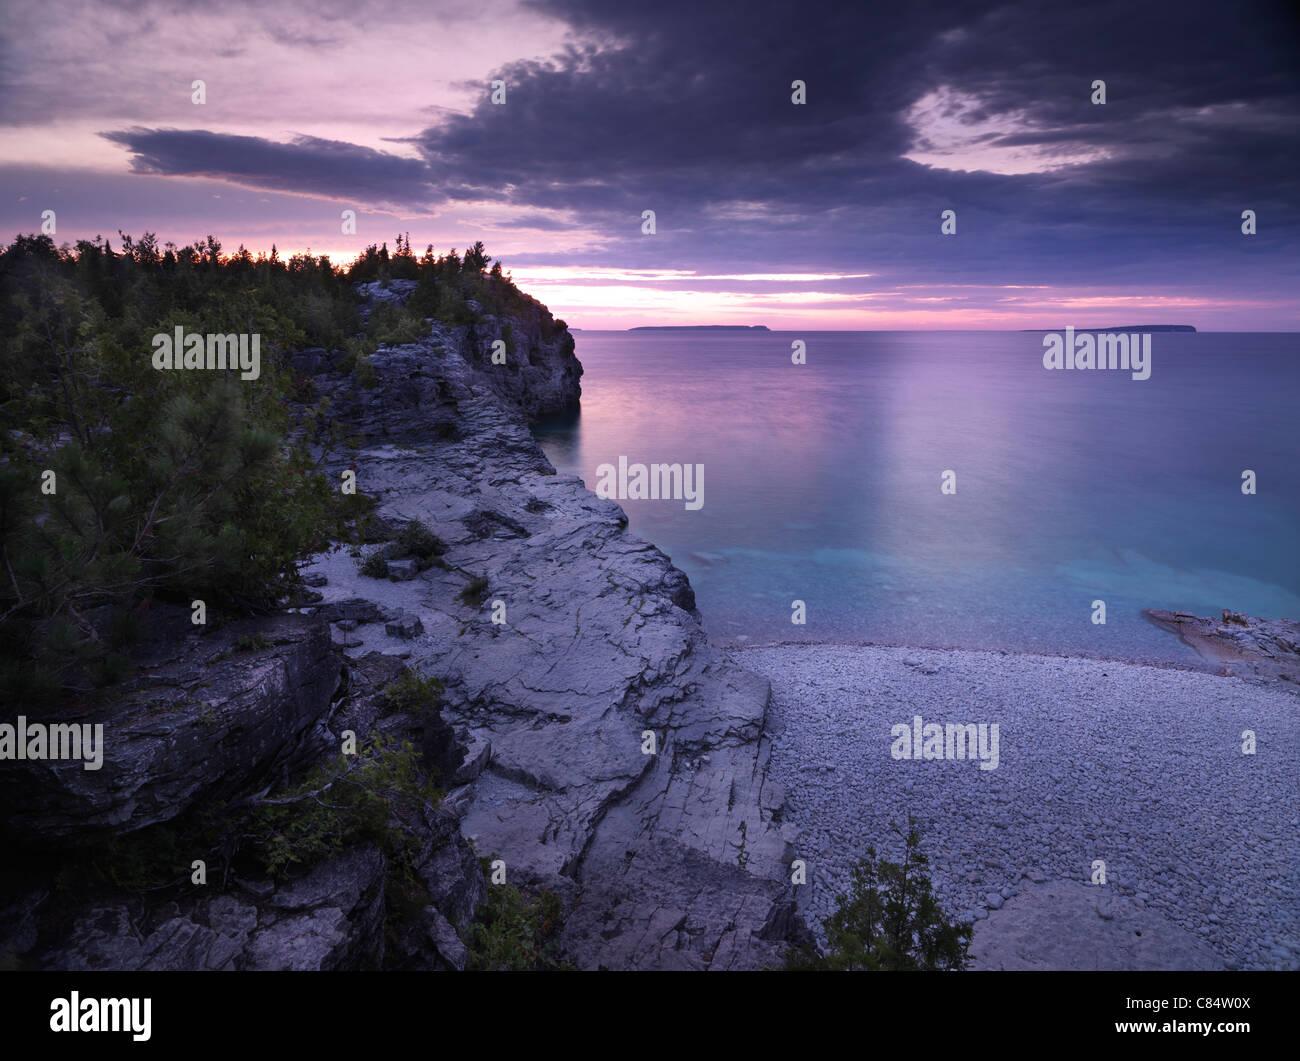 Tramonto stupendo scenario del Georgian Bay Spiaggia rocciosa. Bruce Peninsula National Park, Ontario, Canada. Immagini Stock